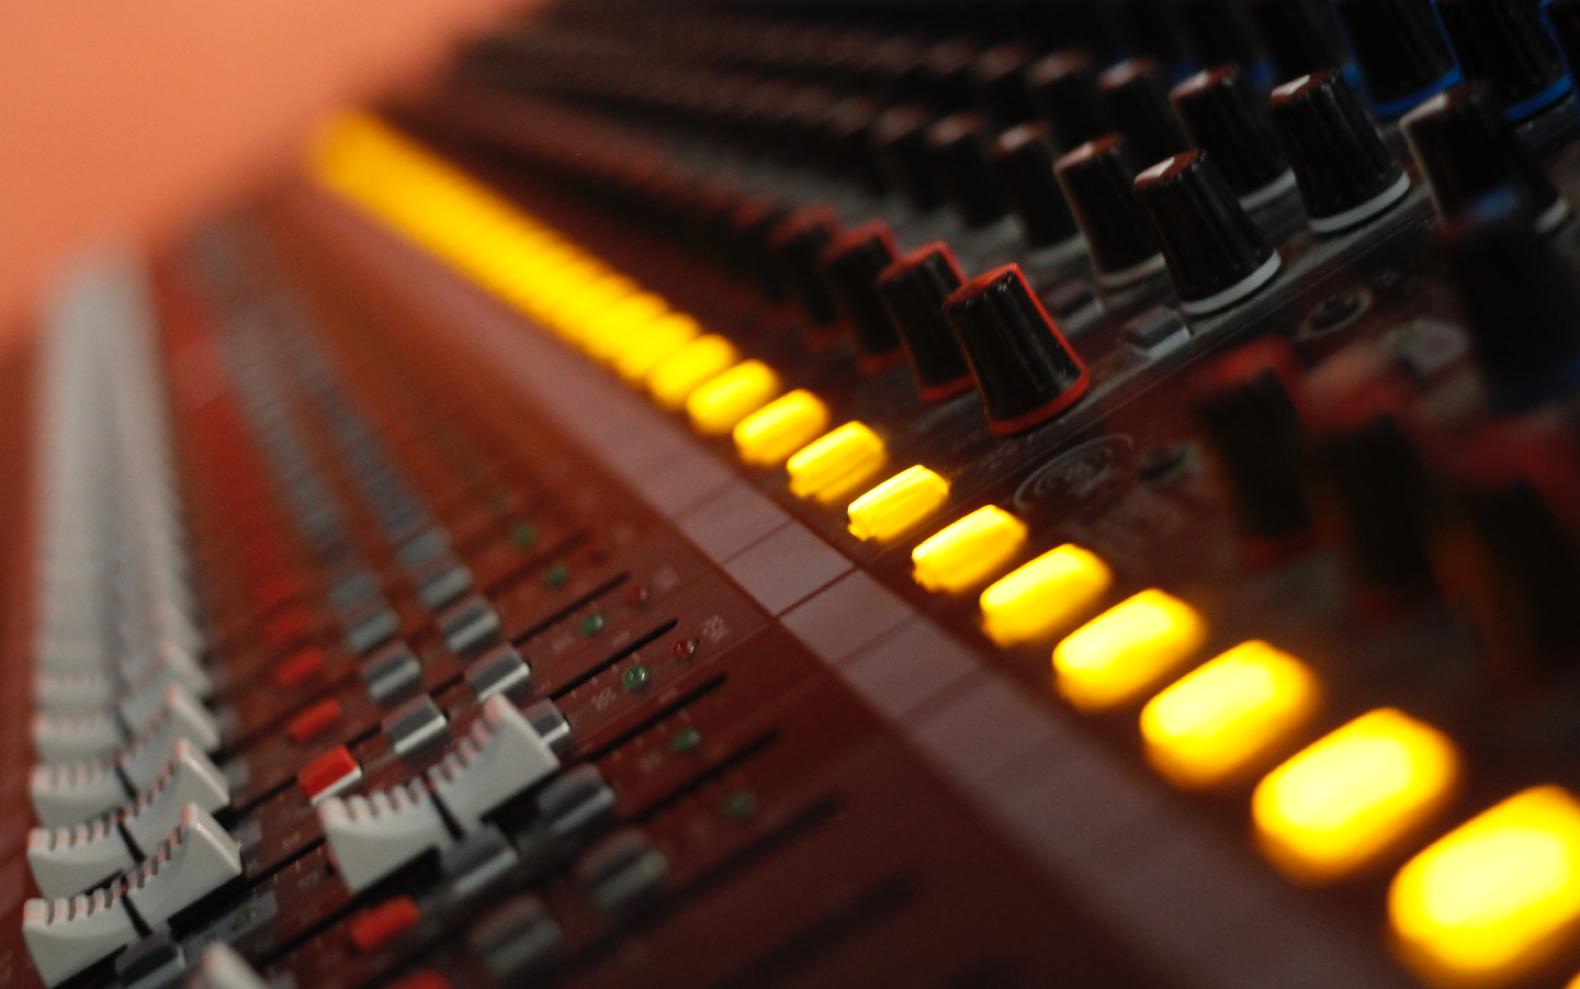 Curso de Producción musical, audio y grabación (Presencial y Online)